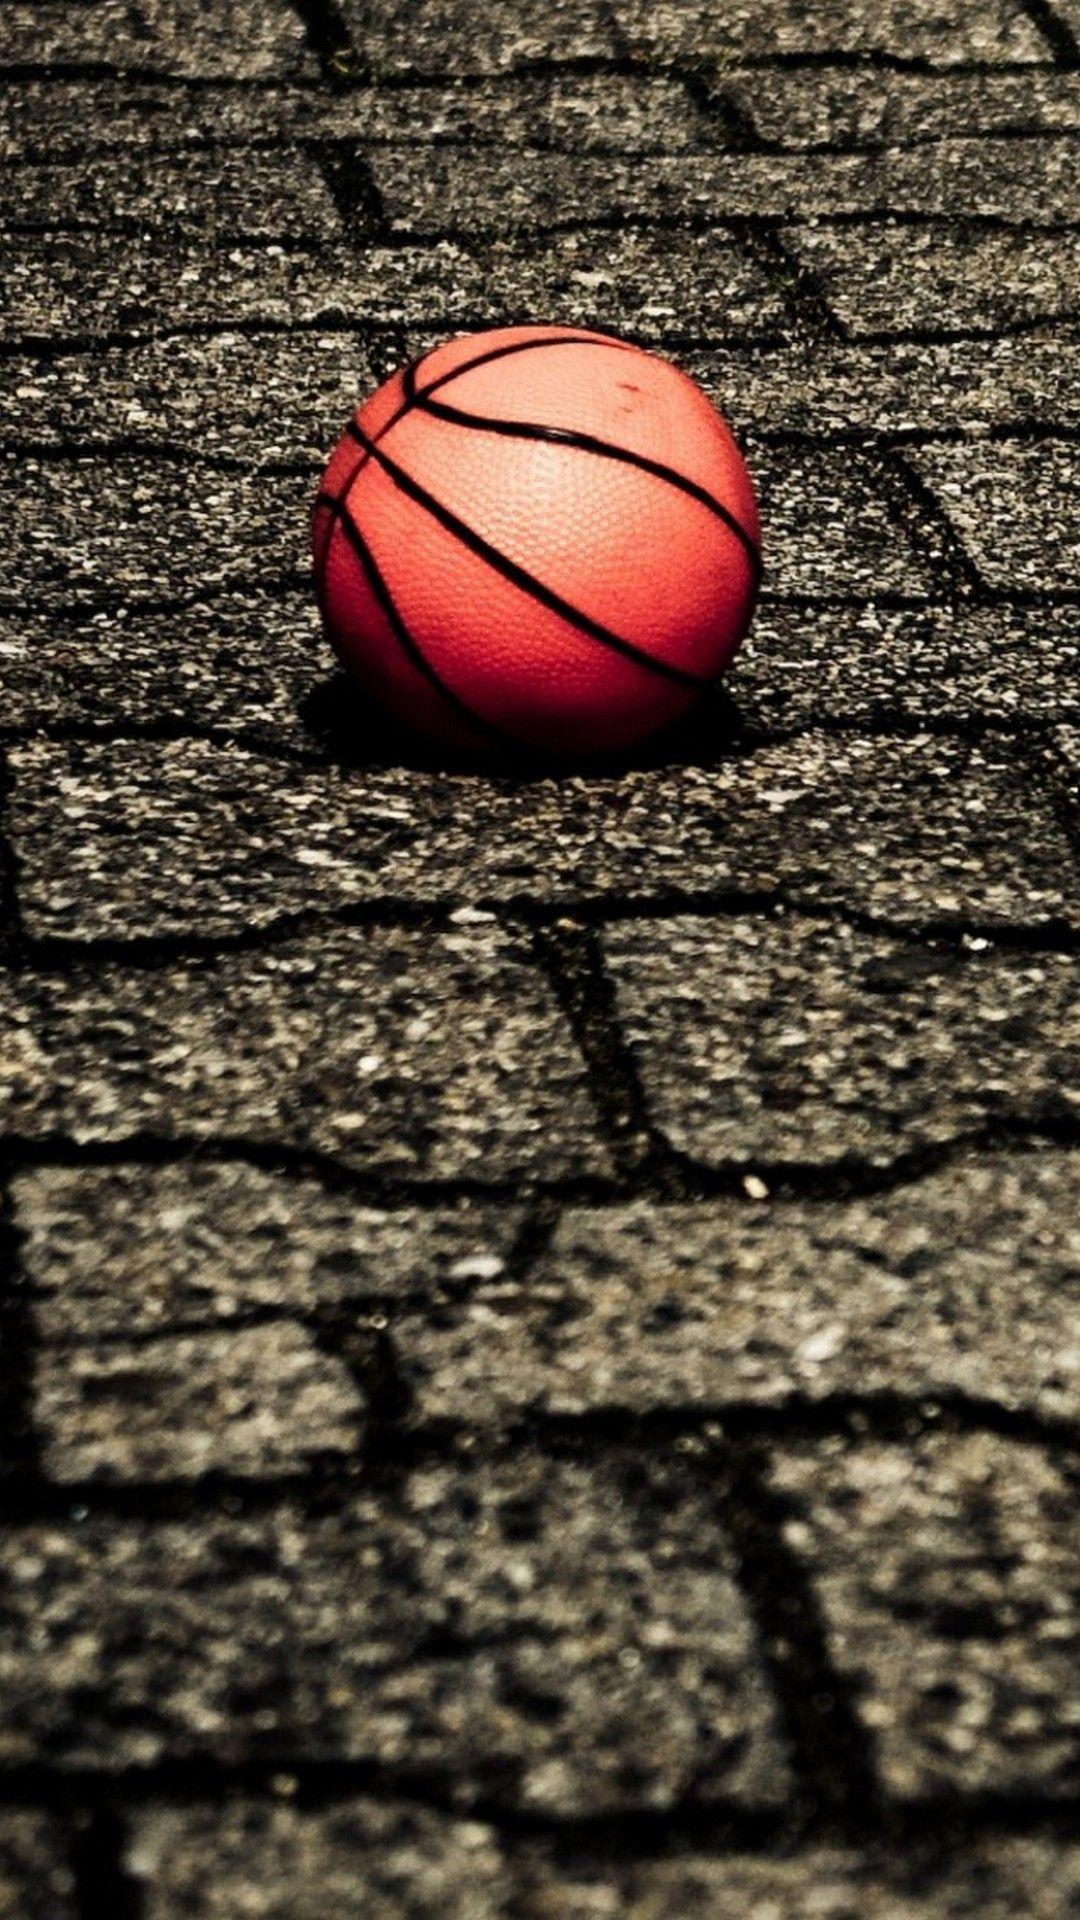 Mobile Wallpaper Nba Basketball 2021 Basketball Wallpaper Basketball Wallpaper Cool Basketball Wallpapers Basketball Wallpapers Hd